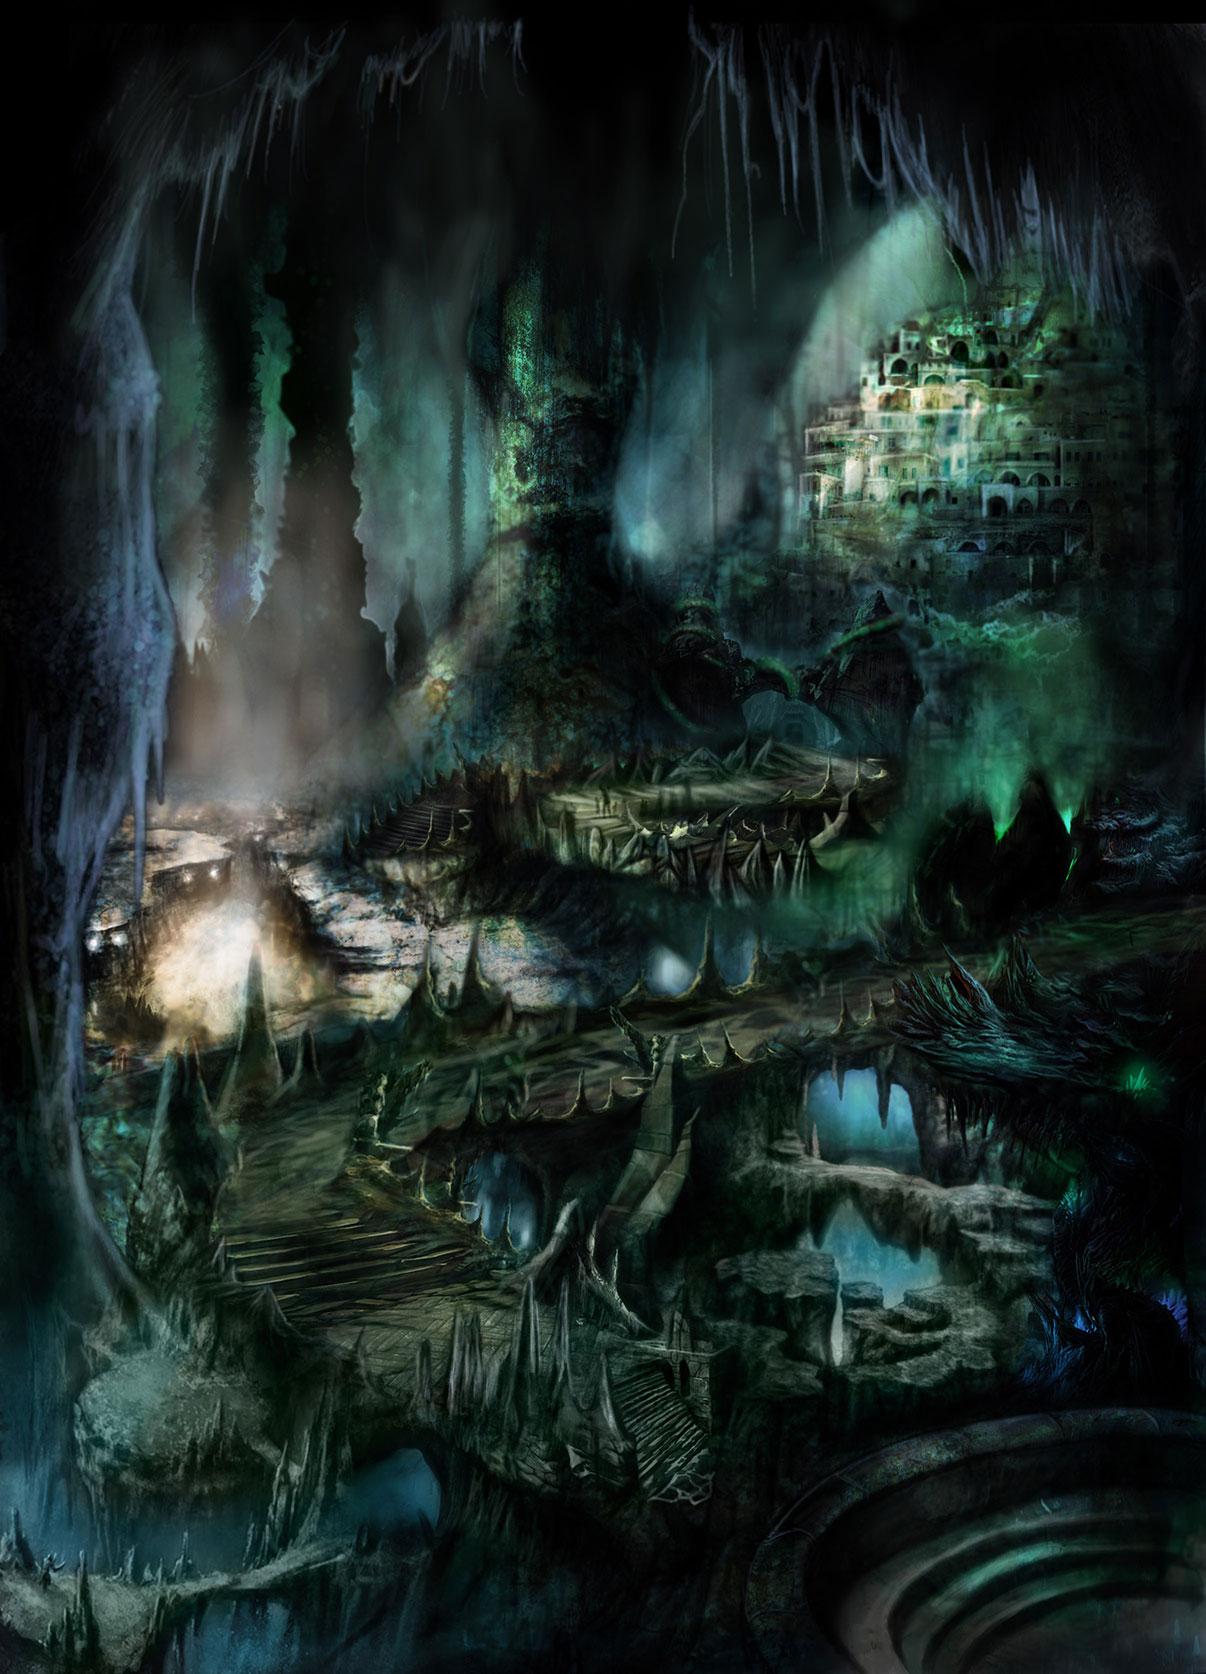 Immagine della città degli omini - Illustrazione fantasy tratta da I Guerrieri d'argento - Le Cronache dei 5 Regni - Elvio Ravasio, autore di libri fantasy